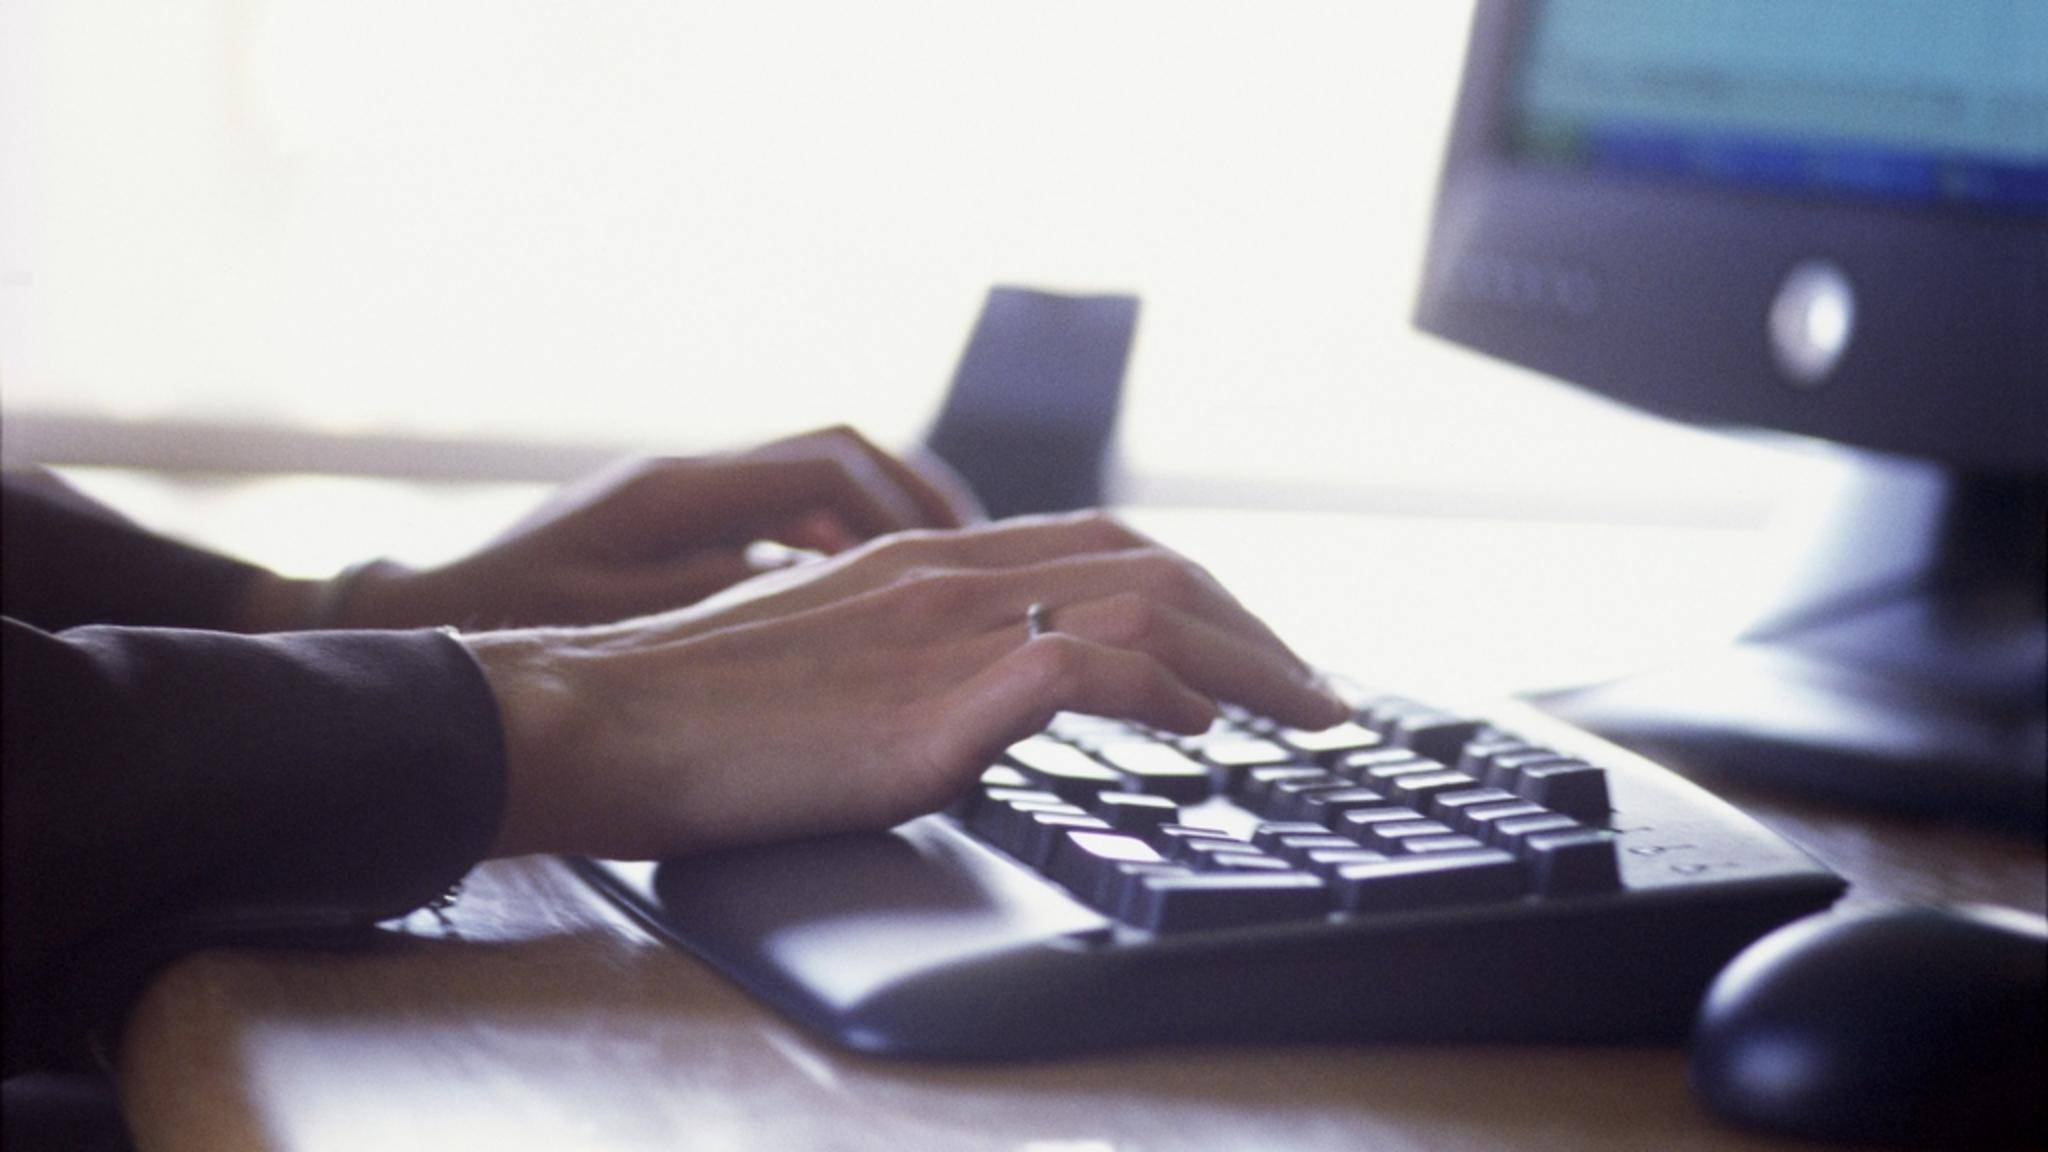 Mit zehn Fingern auf einer Tastatur zu schreiben kannst Du auch noch im Erwachsenenalter lernen. Wir zeigen Dir mit welchen Programmen das gelingt.